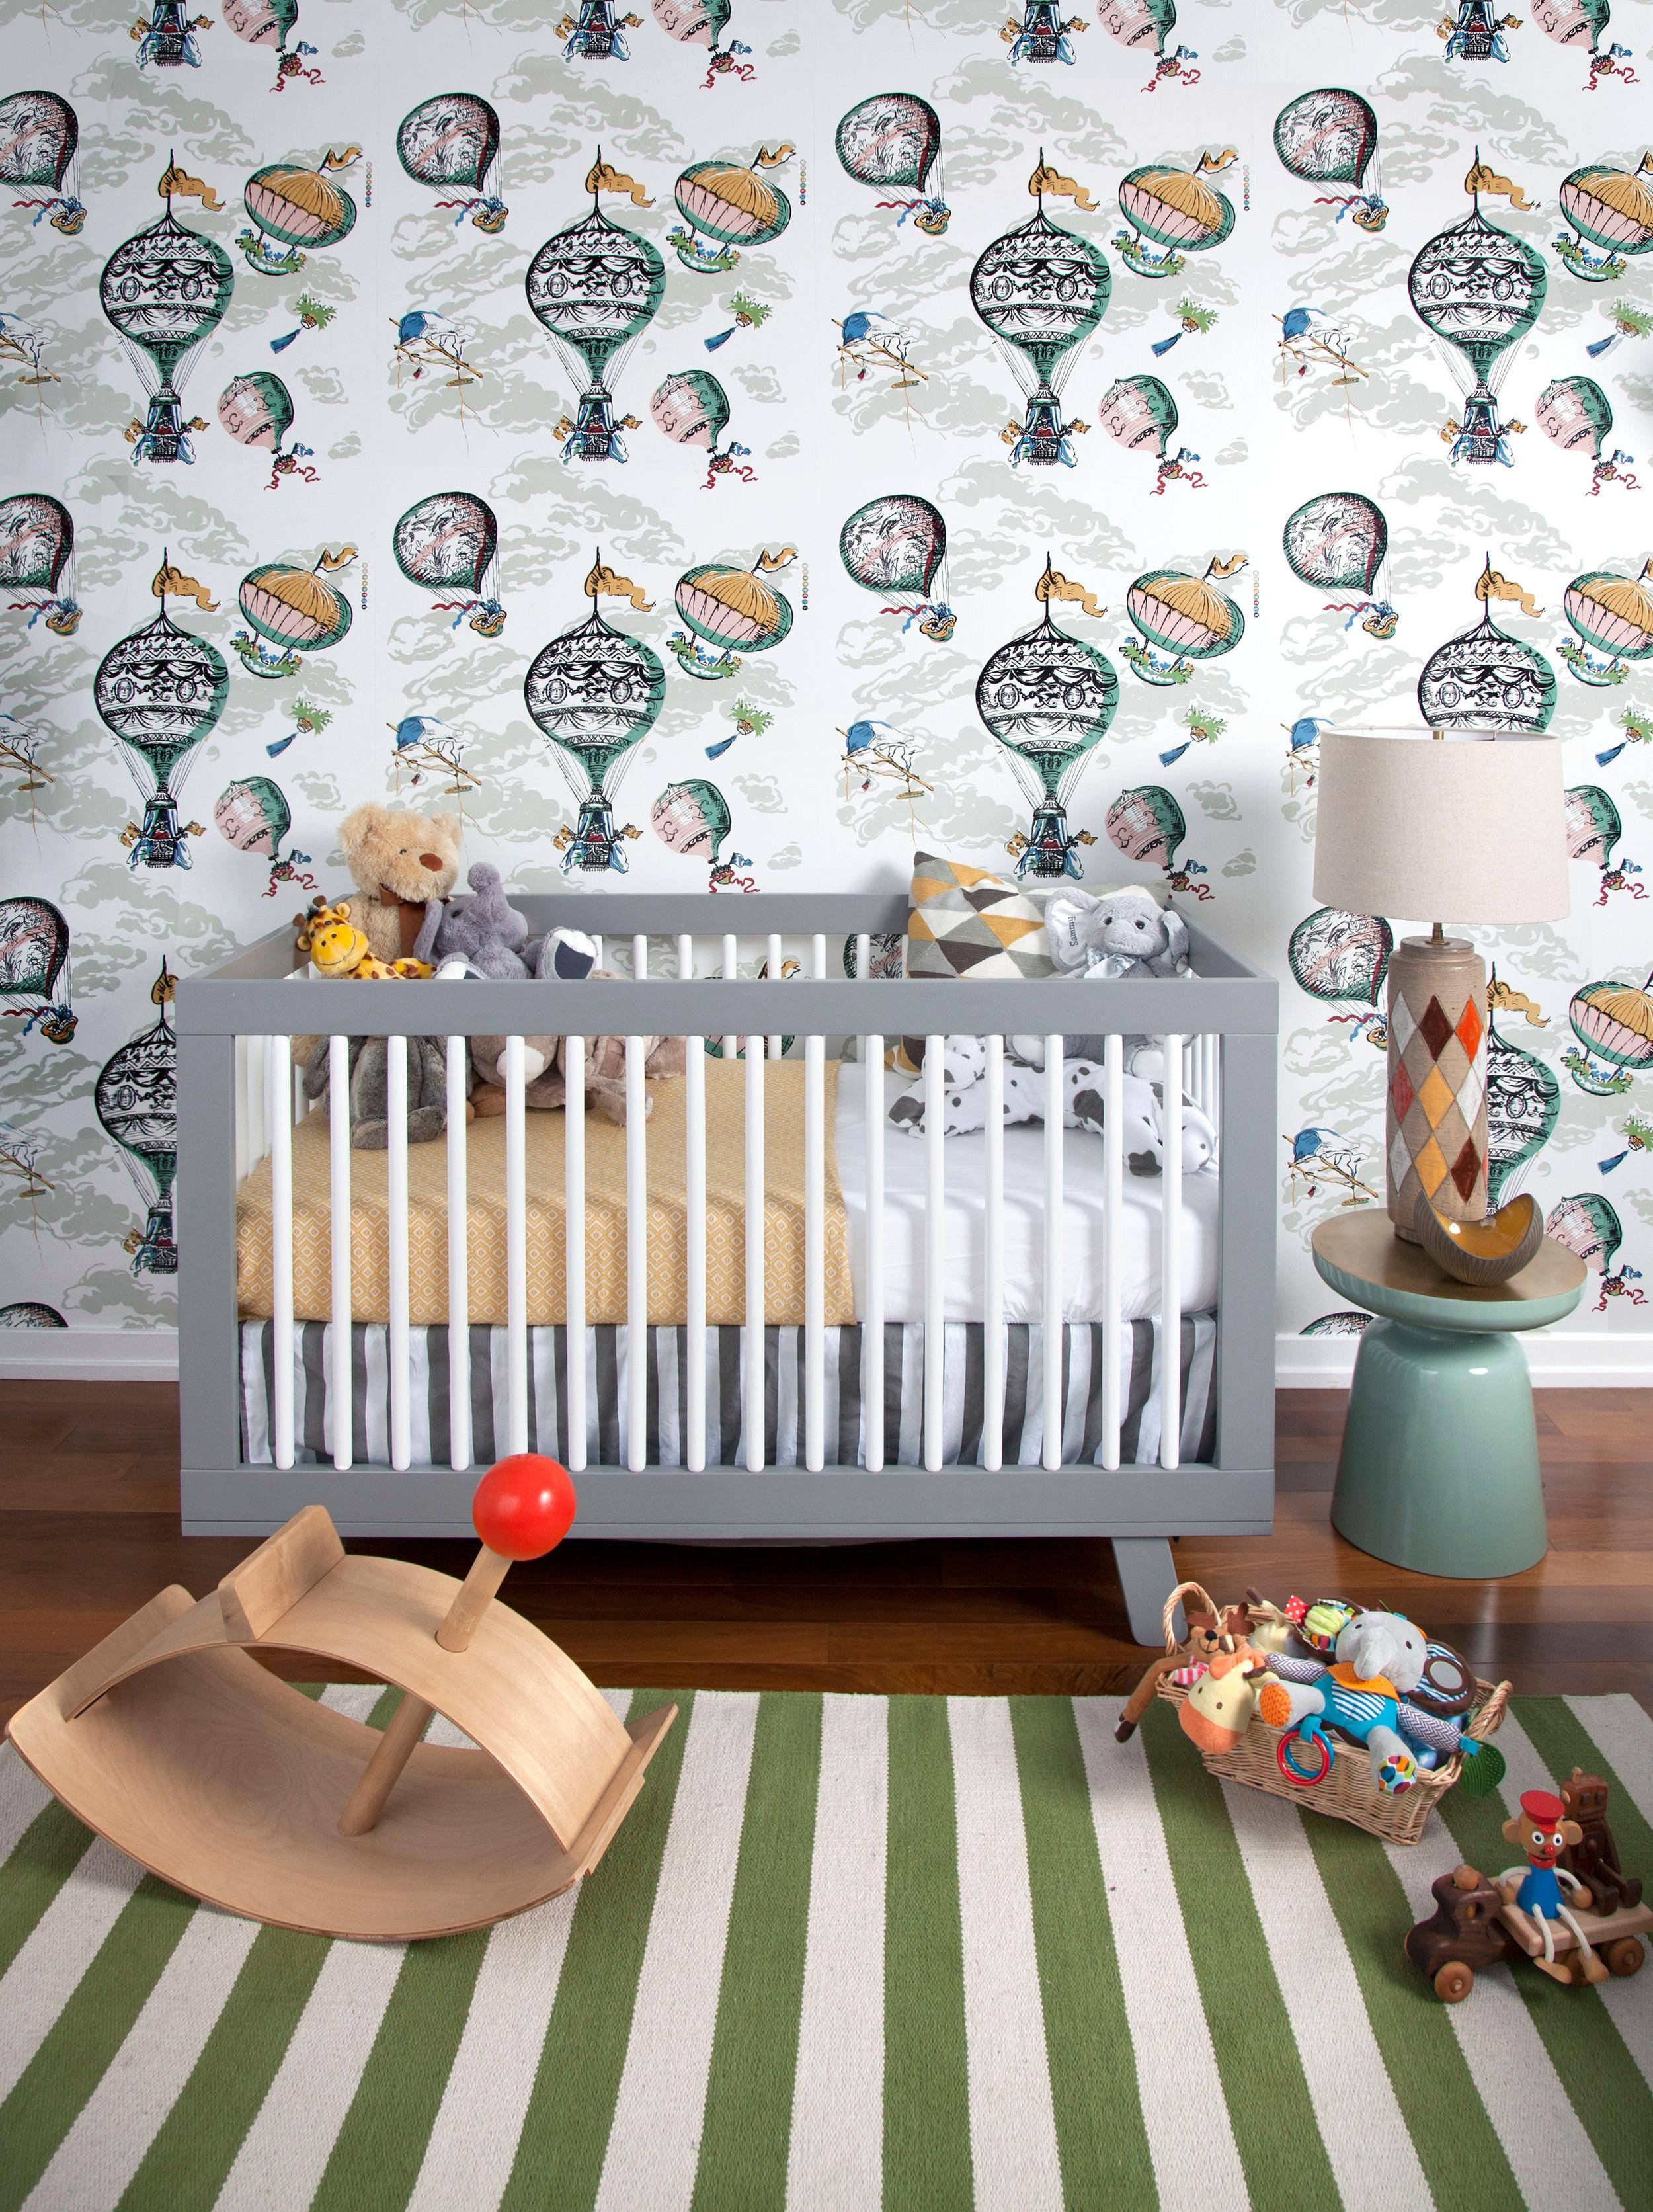 ArditiDesign_Williamsburg_KidsRoom.jpg